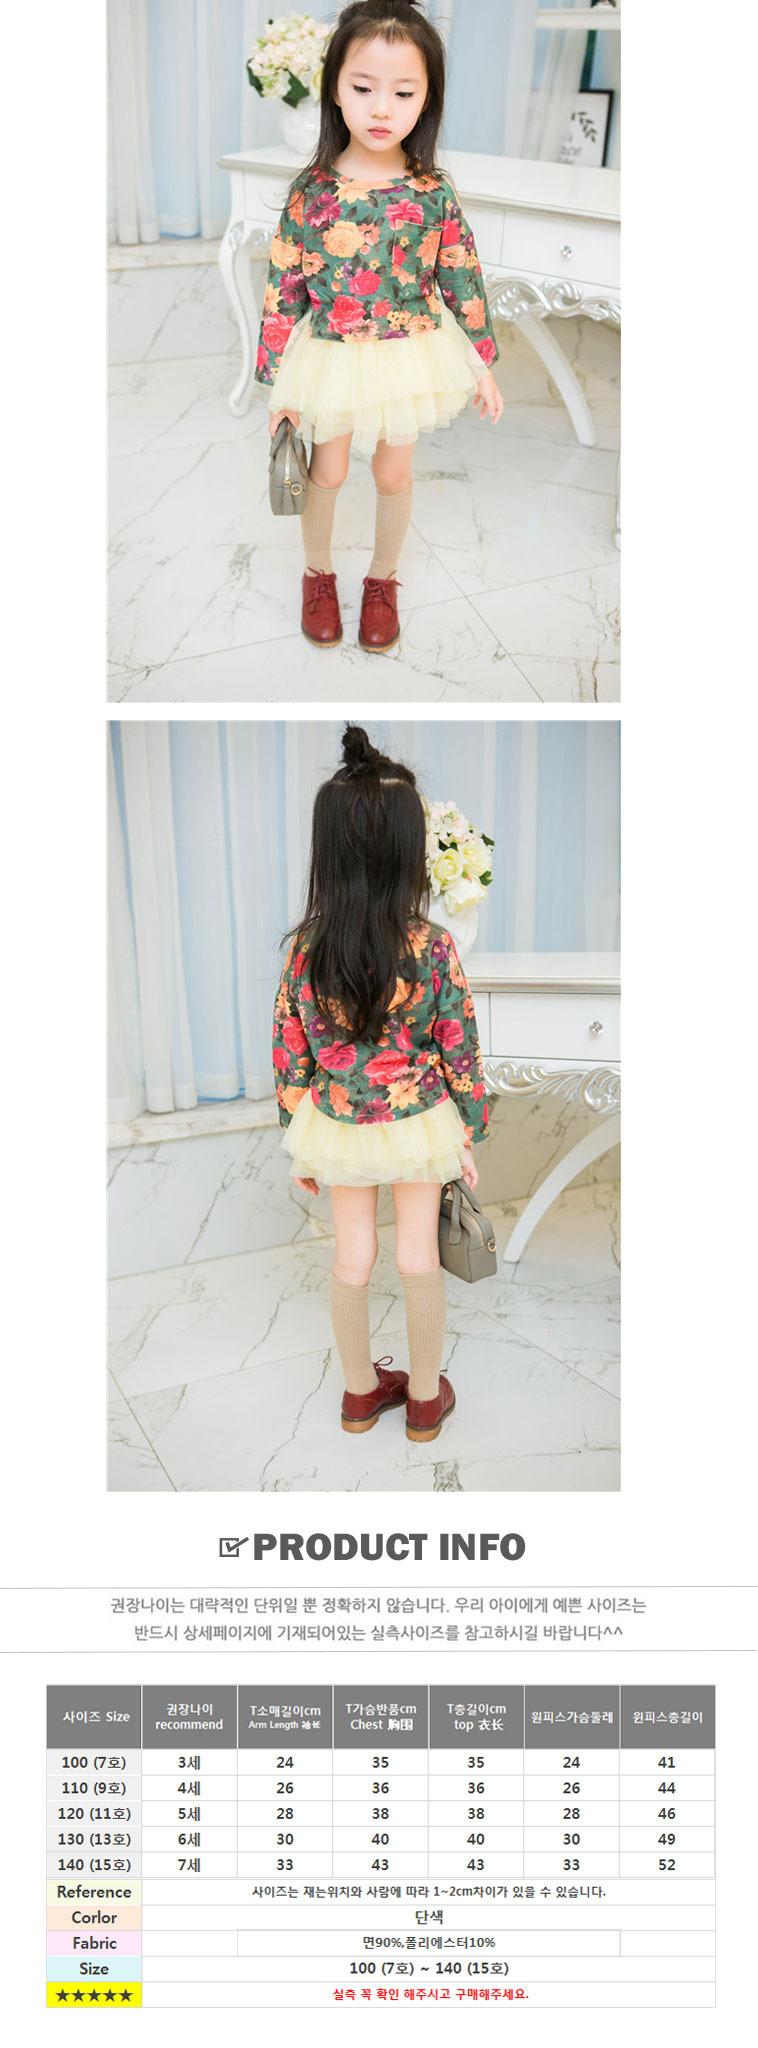 [엄마니까] 코코루아 멋진 신상할인! - 상세정보